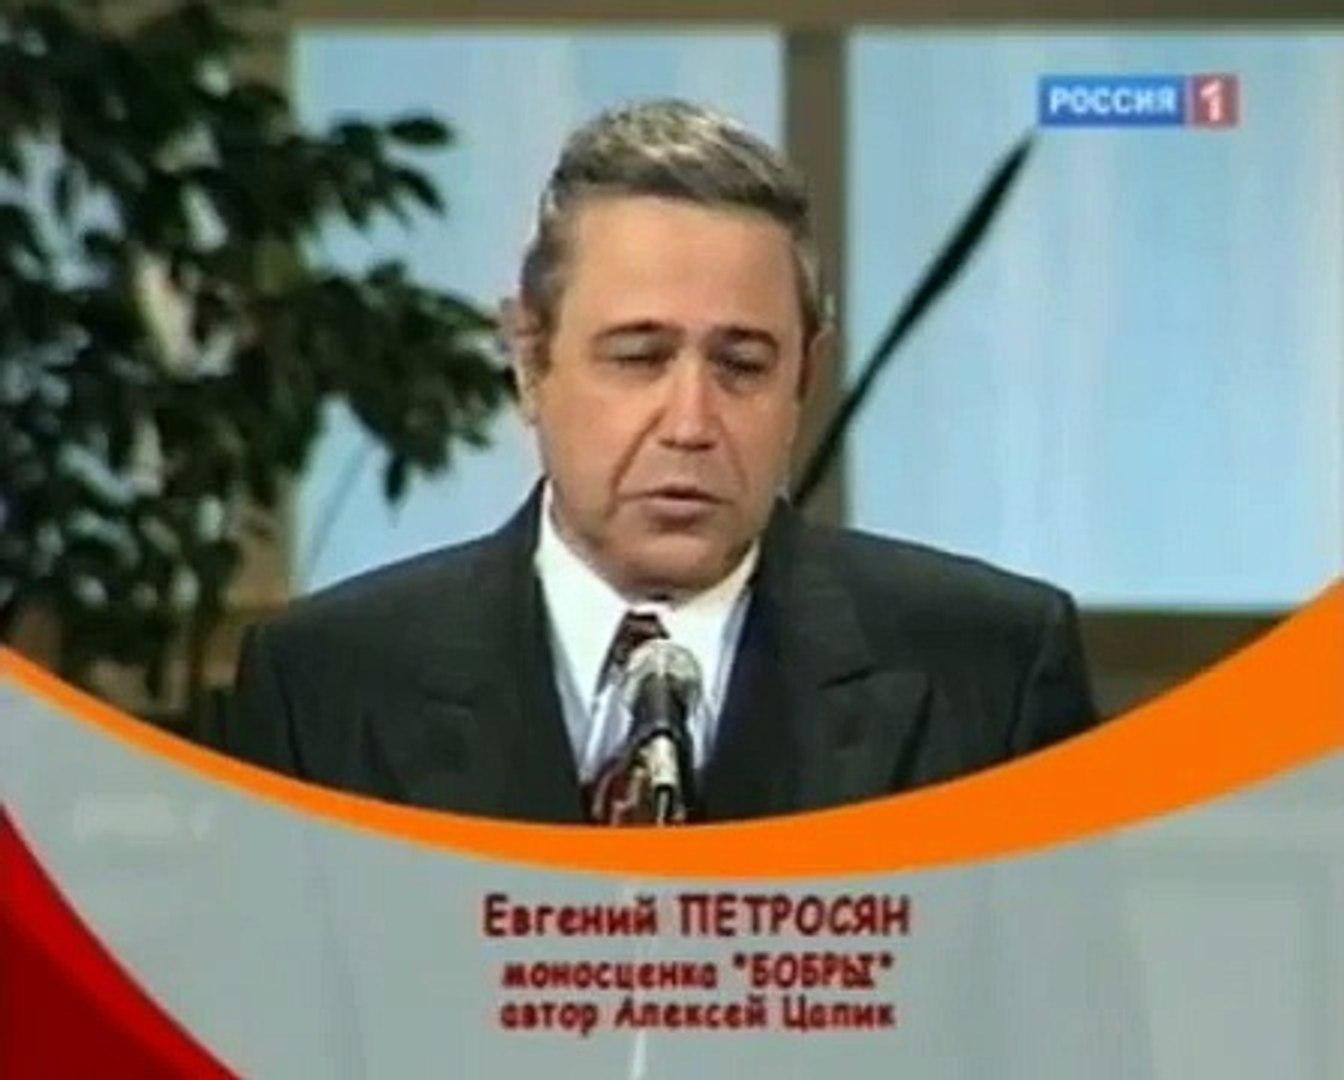 Евгений Петросян - Бобры - video dailymotion